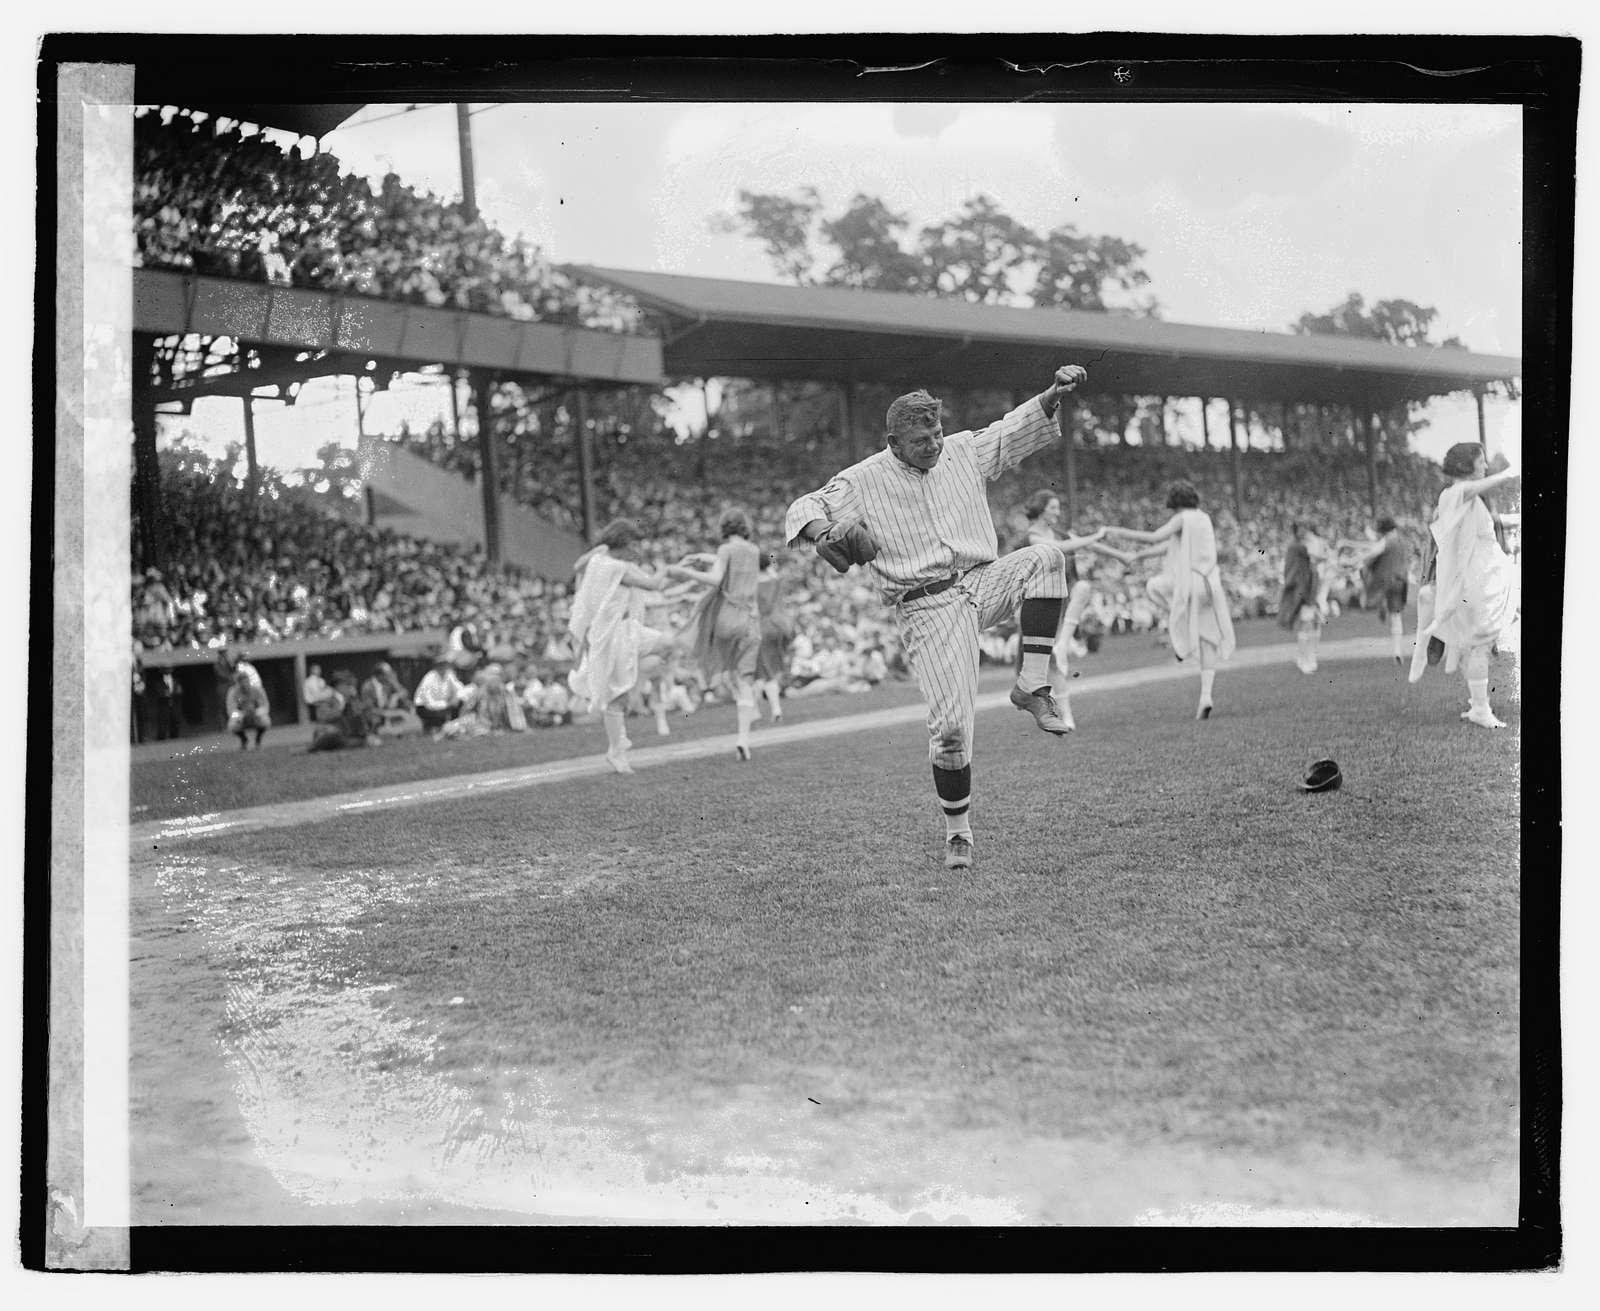 Masonic ball game, 1921